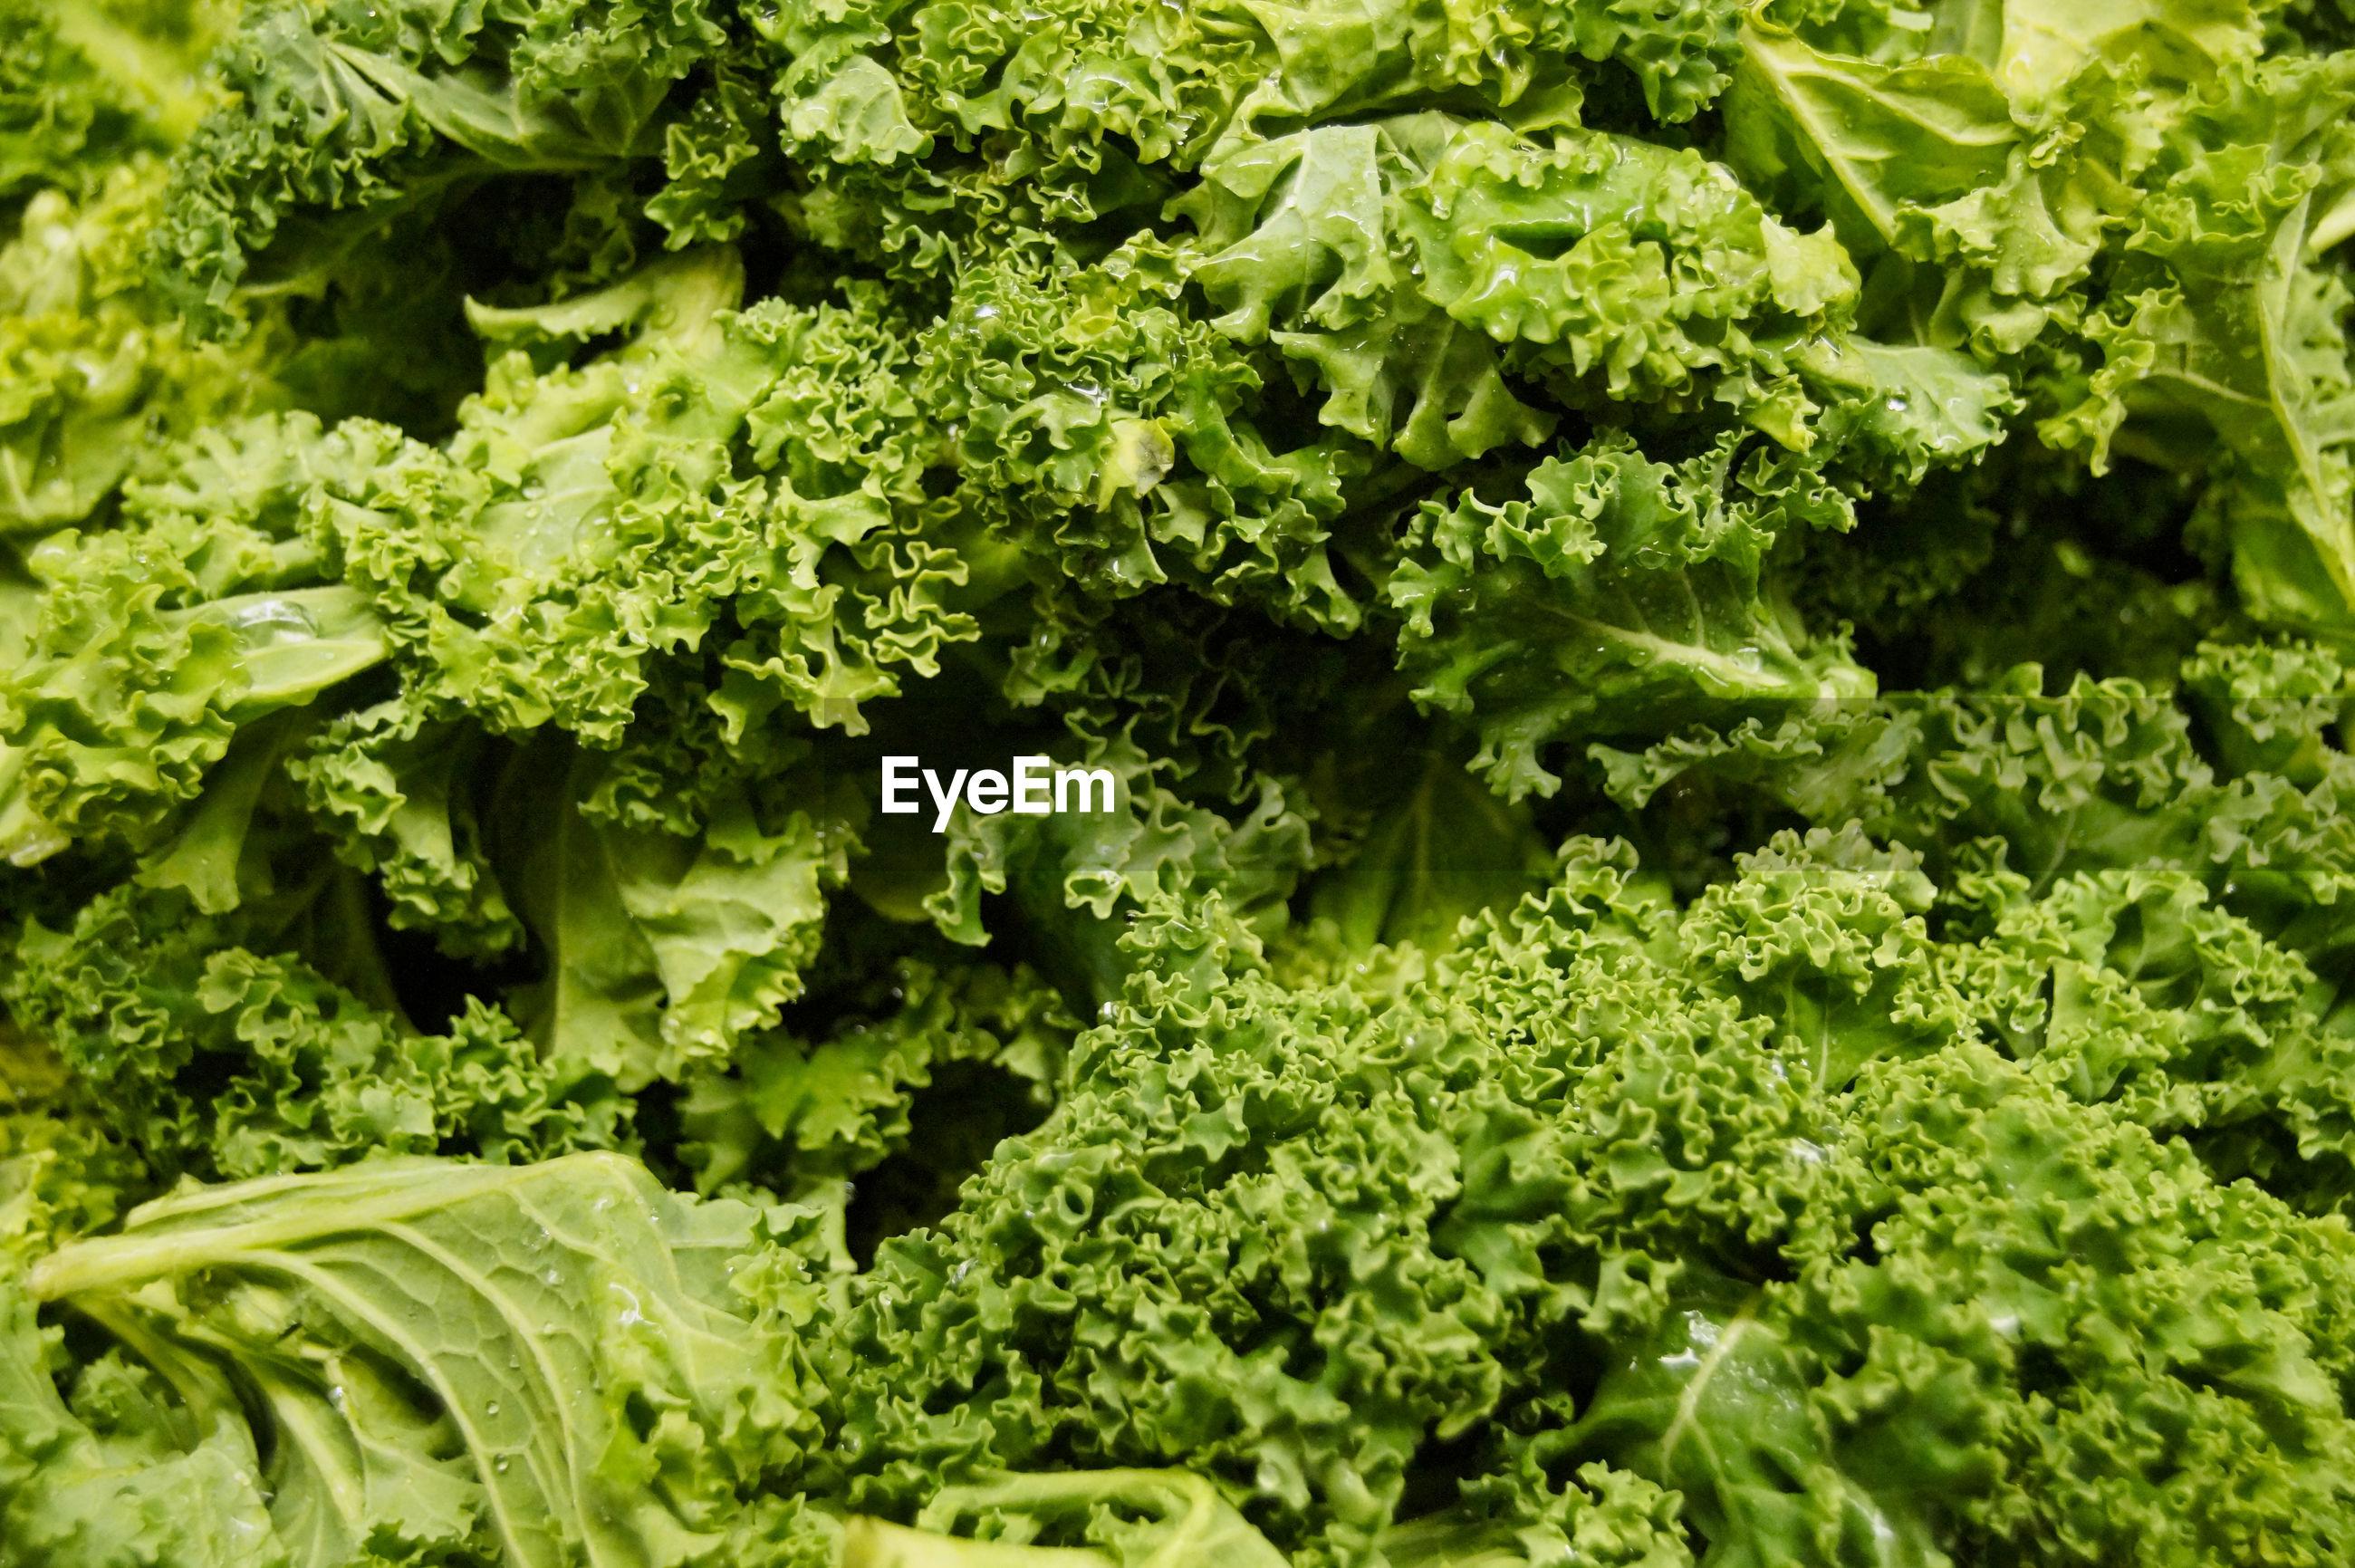 Full frame shot of fresh kale